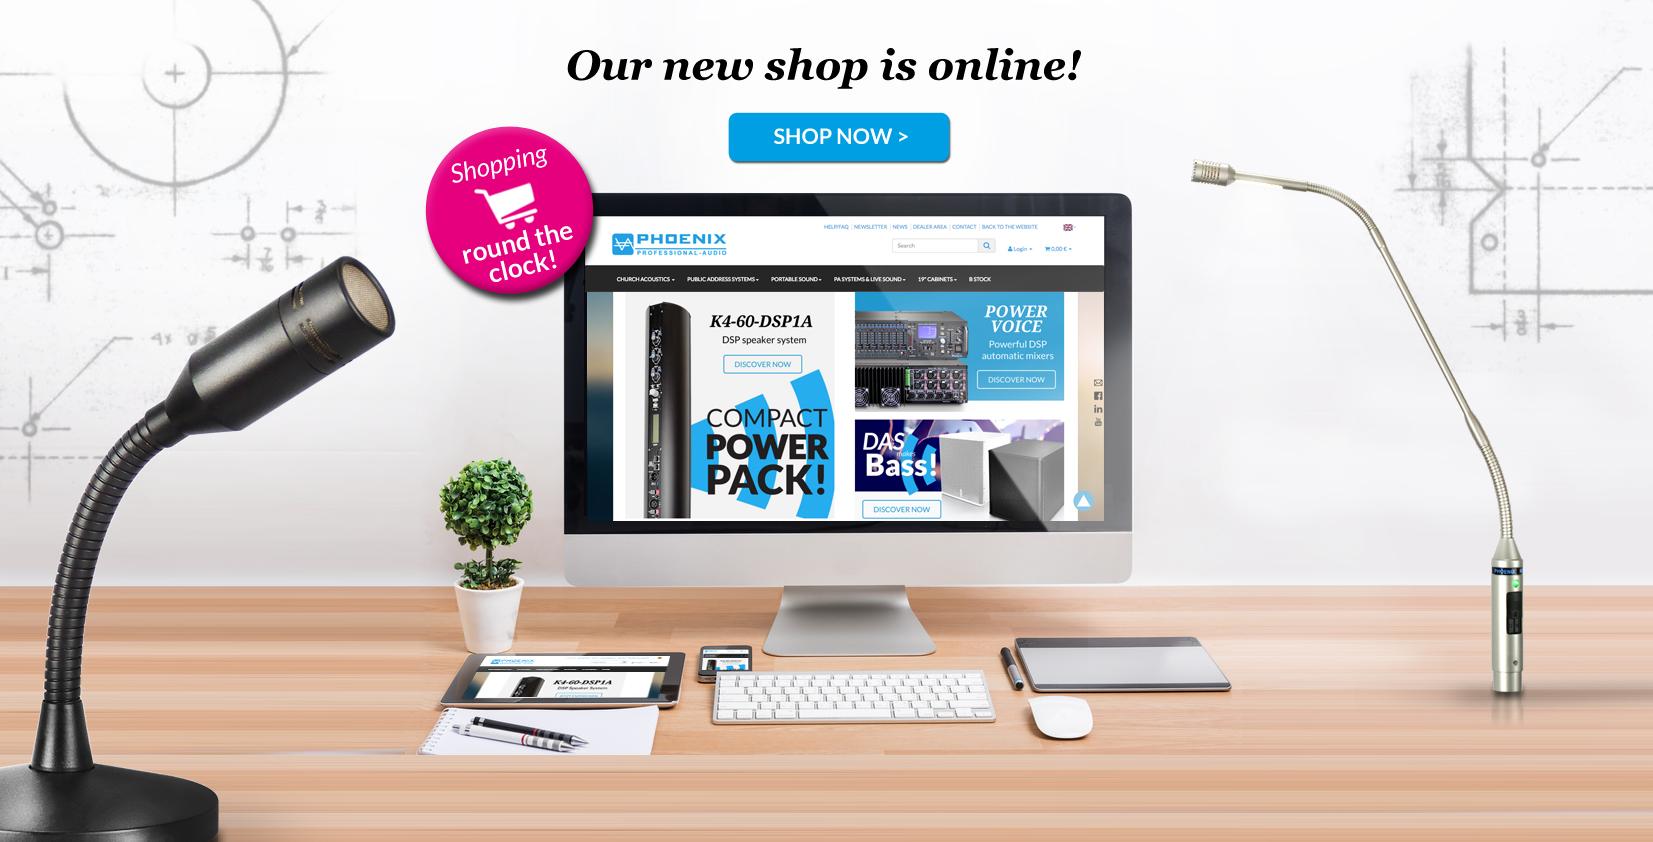 en-phoenix-pa-online-shop-final